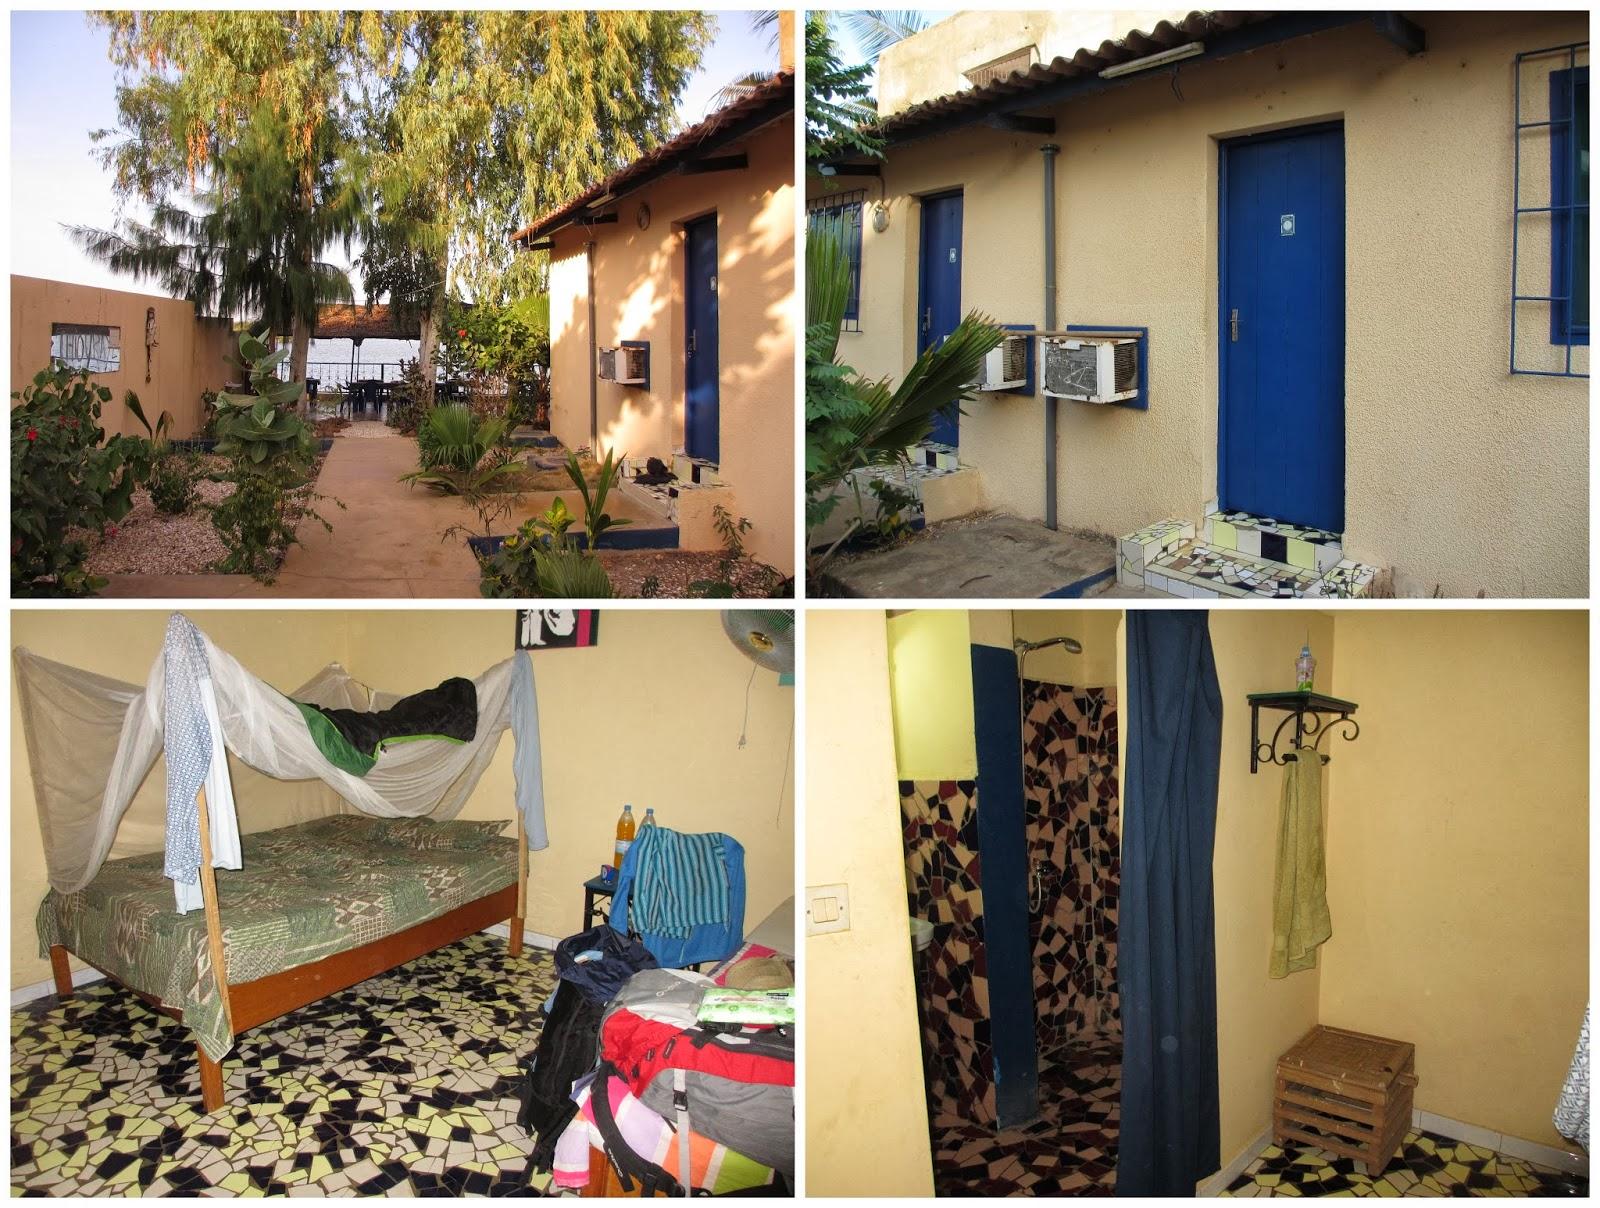 Onde DORMIR NO SENEGAL | Os hotéis que usamos e marcamos na nossa viagem independente no Senegal